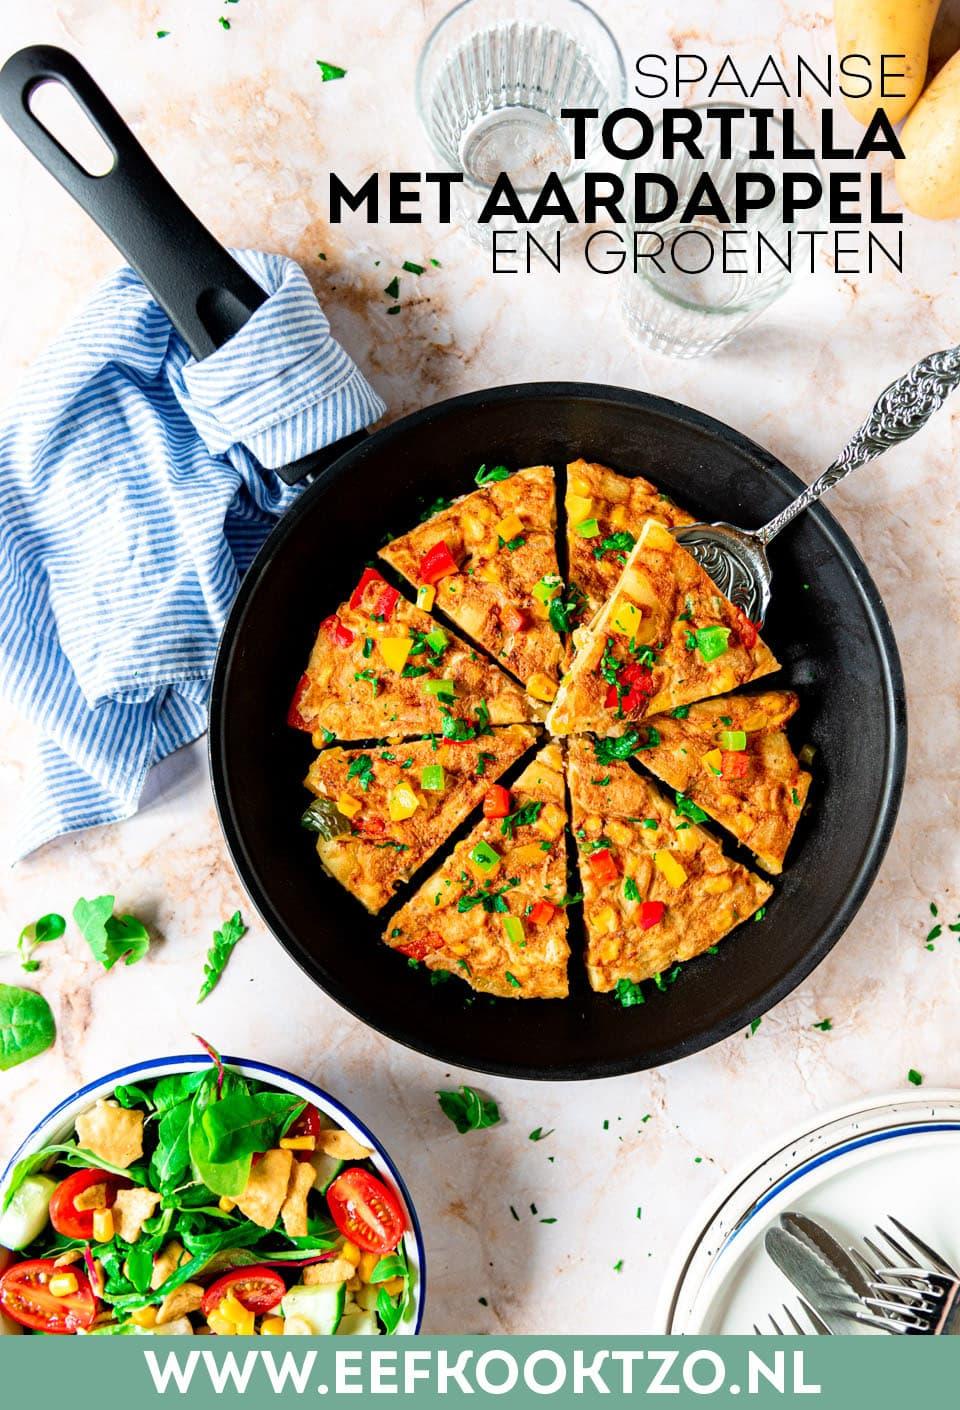 Spaanse tortilla met aardappel Pinterest Collage